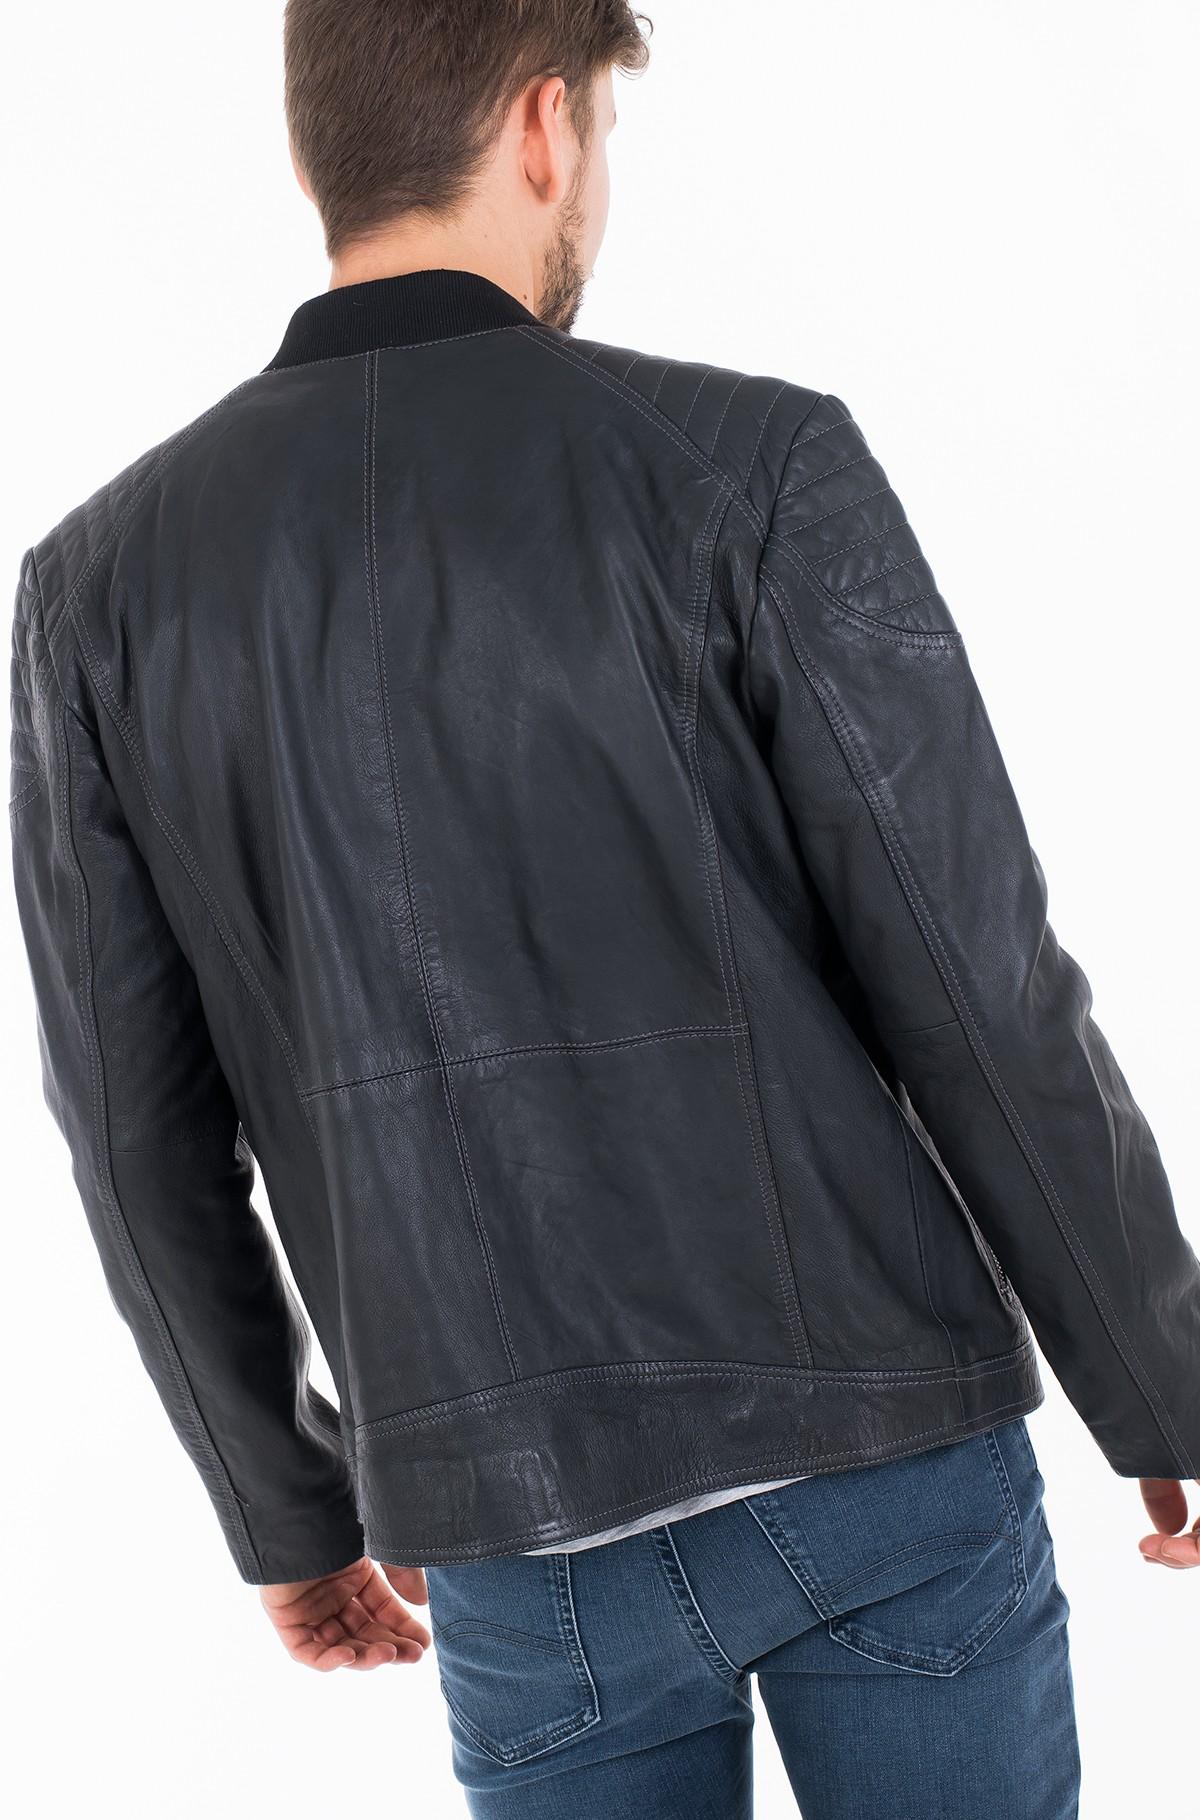 Leather jacket Tobi-full-4